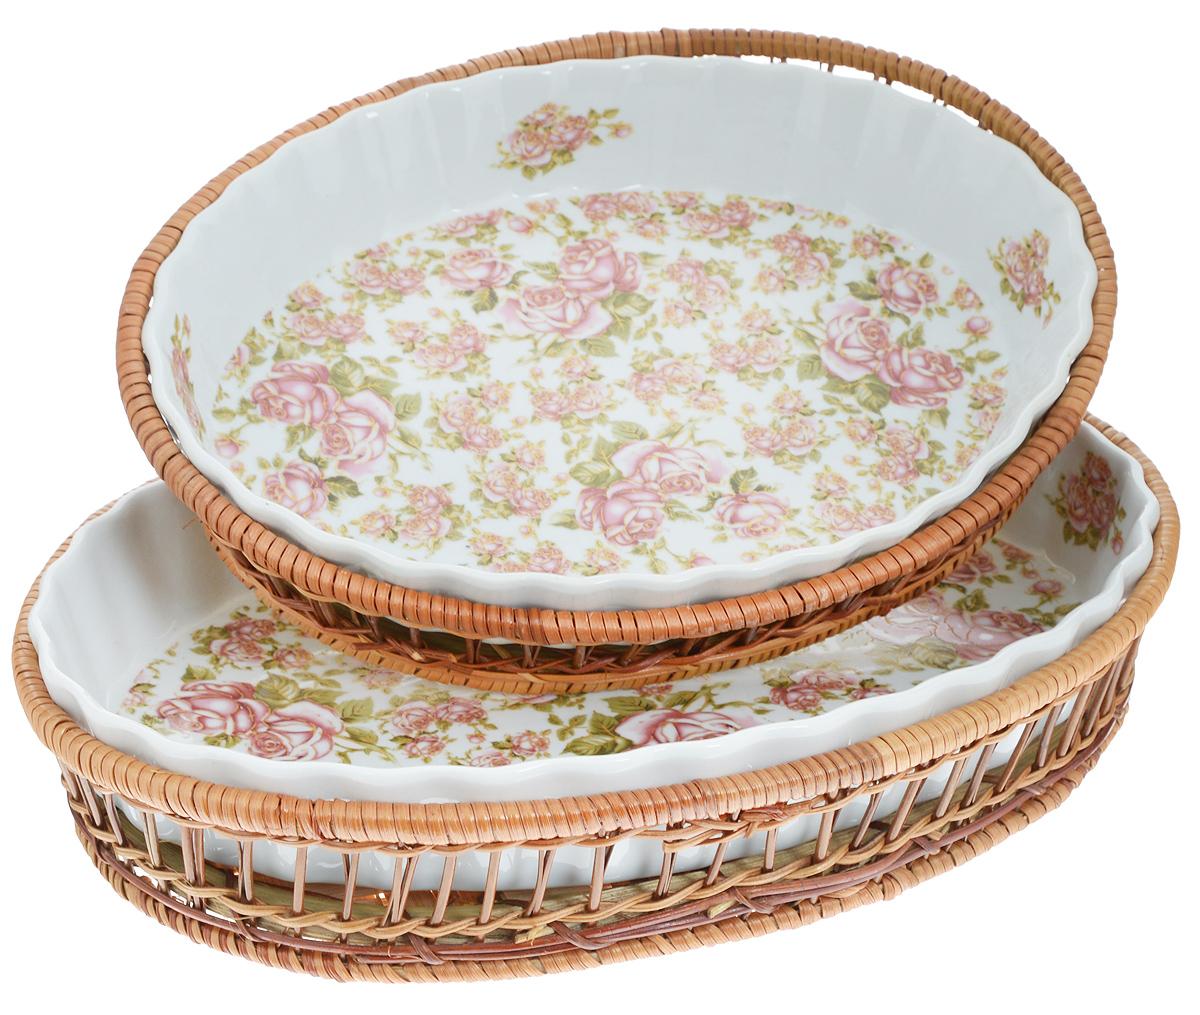 Набор форм для запекания Mayer & Boch Розы, с корзинками, 4 предмета24801Набор Mayer & Boch Розы состоит из двух овальных форм в корзинках. Формы выполнены из высококачественного фарфора белого цвета и вручную расписаны великолепным цветочным узором. Плетеные корзины из ротанга, в которые вставляются формы, послужат красивыми и оригинальными подставками. Фарфоровая посуда выдерживает высокие перепады температуры, поэтому ее можно использовать в духовке, микроволновой печи, а также для хранения пищи в холодильнике. Формы прекрасно подойдут для запекания овощей, мяса и других блюд, а оригинальный дизайн и яркое оформление украсят ваш стол. Можно мыть в посудомоечной машине. Размер формы: 33 х 23 х 5 см; 27 х 20,5 х 4 см. Объем форм: 2,1 л; 1,6 л.